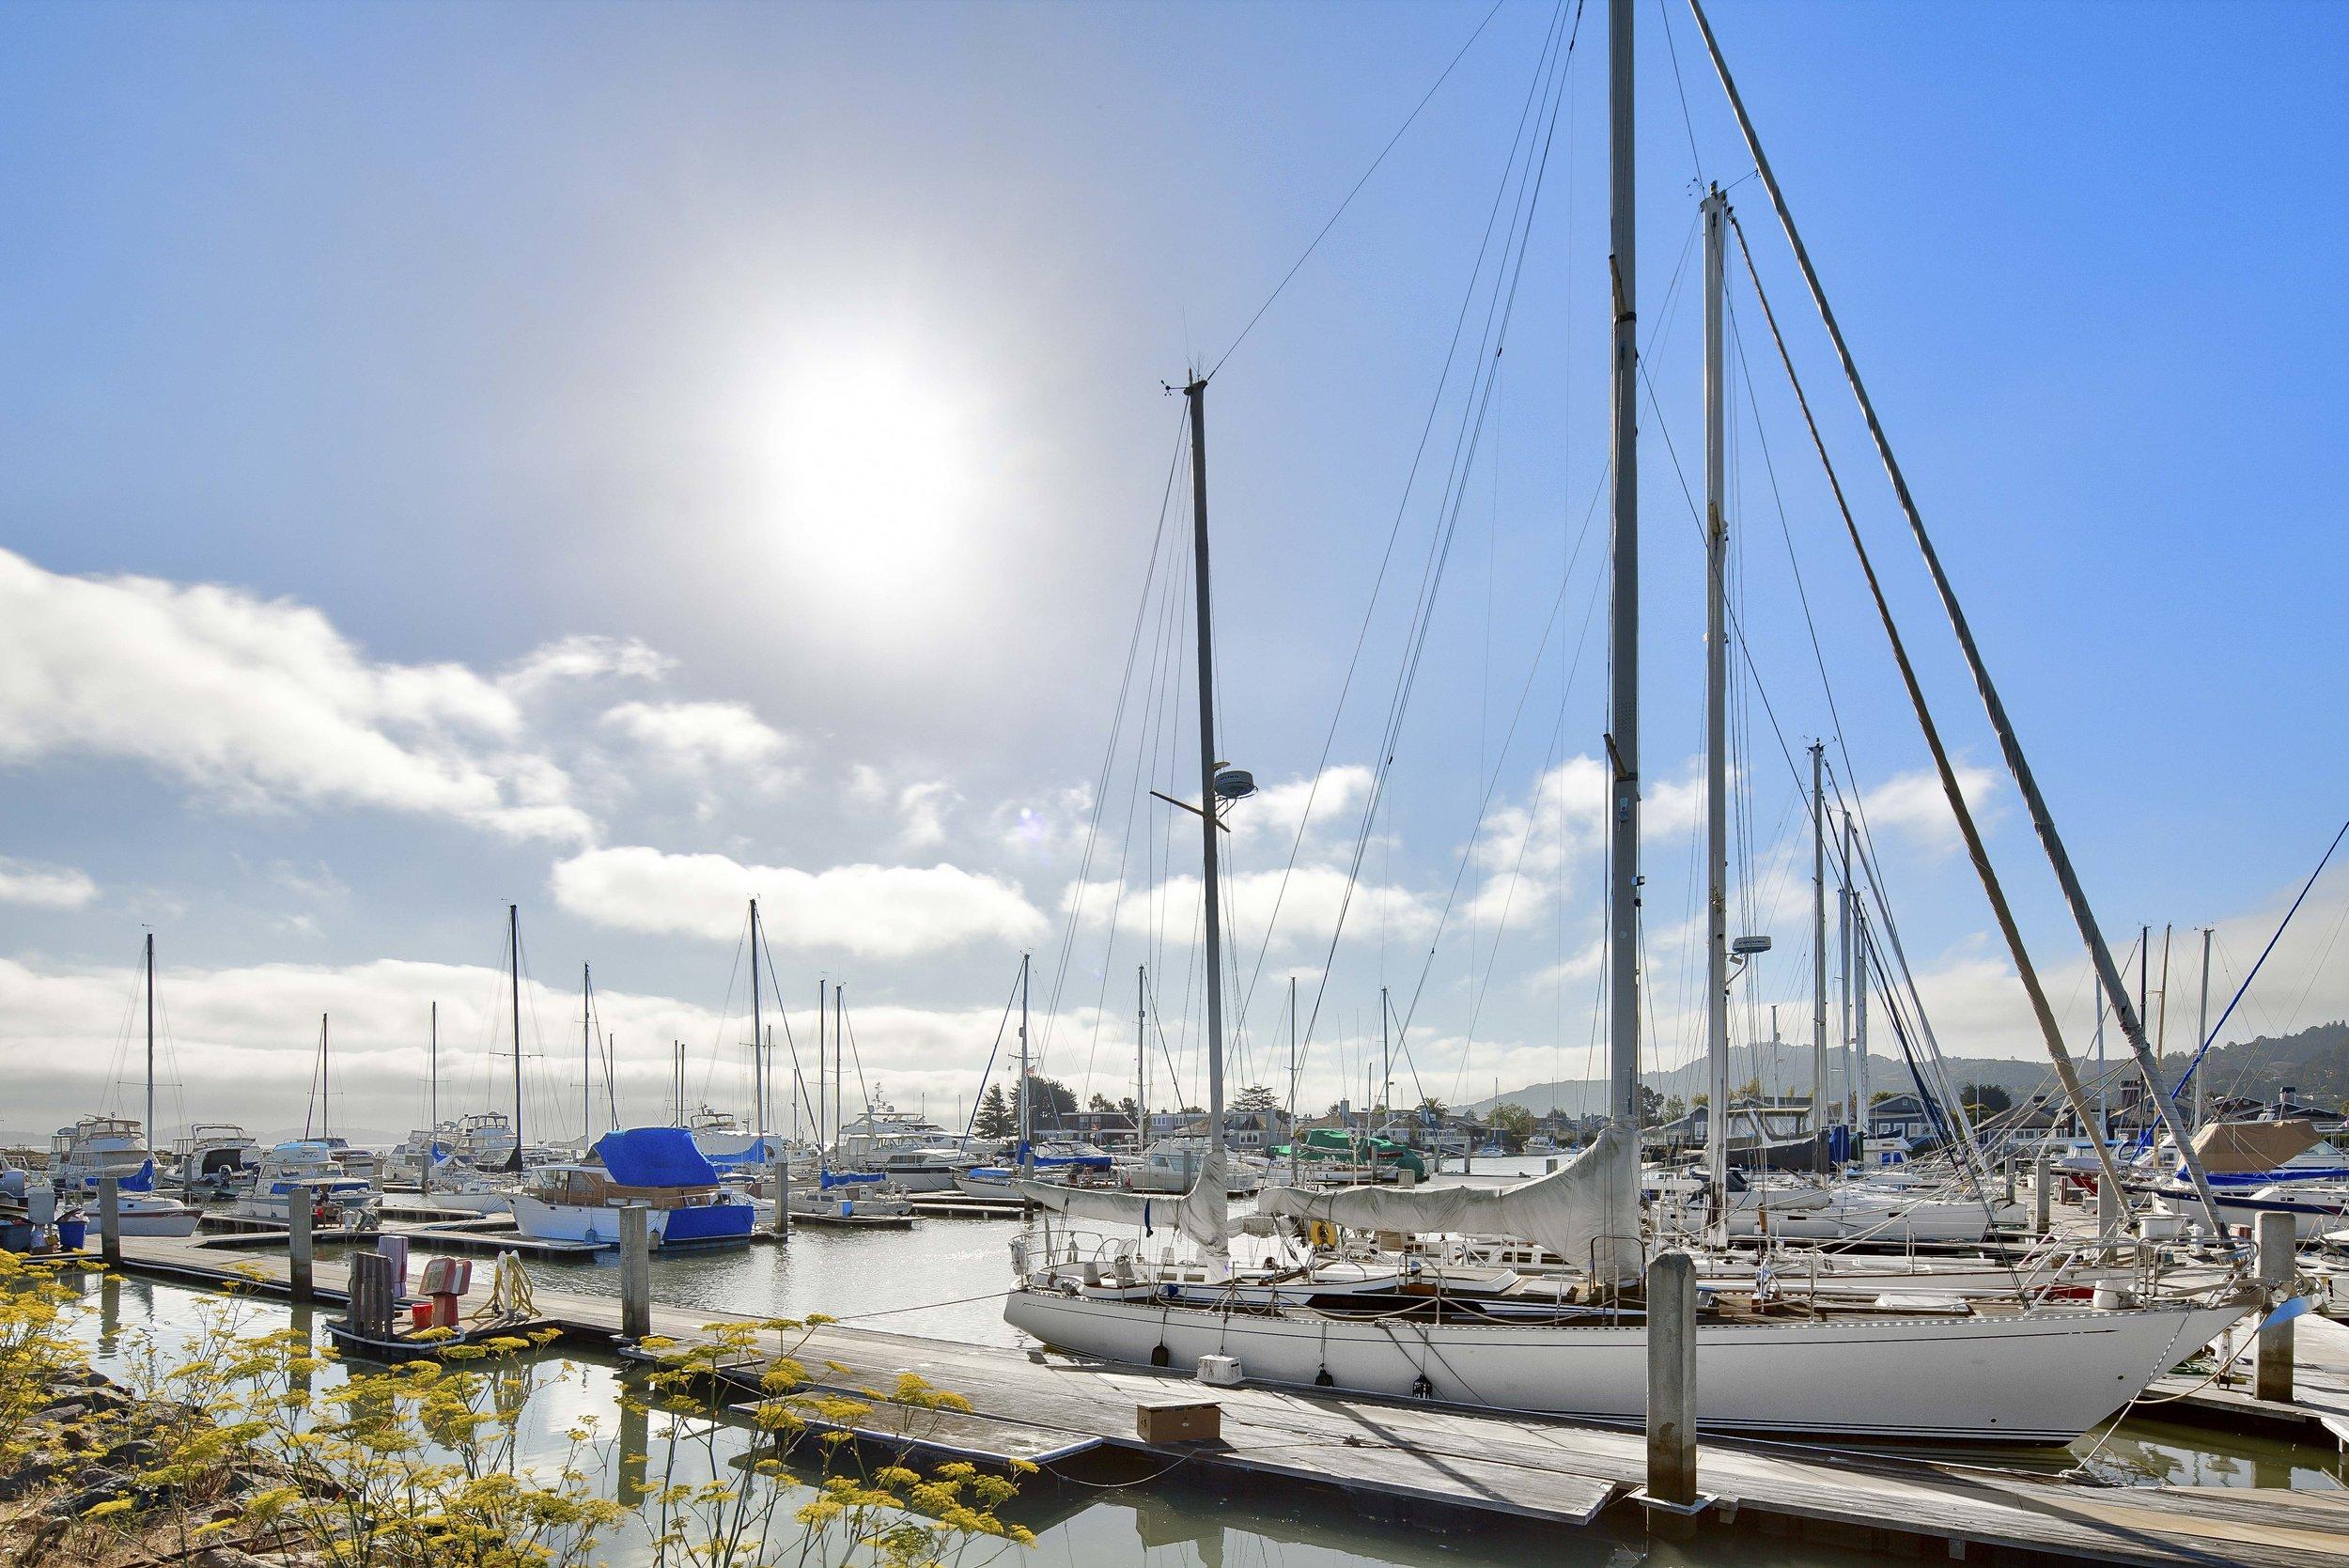 Paradis-Cay-Yacht-Harbor (6 of 10).jpg